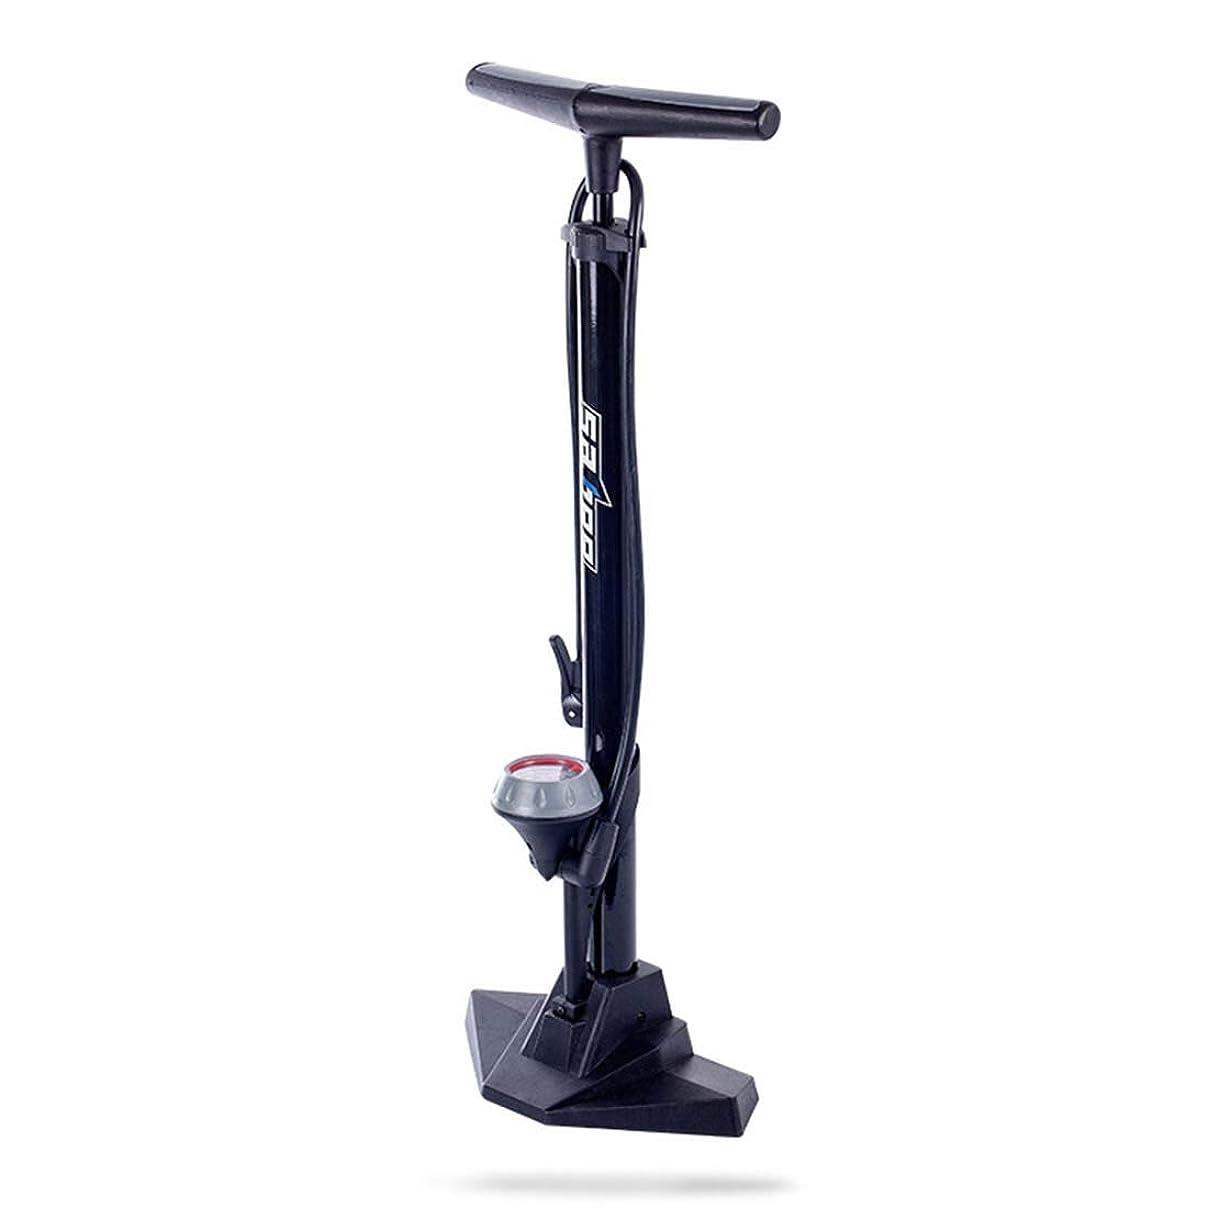 ソフトウェア流用するマントル自転車ポンプ 性能、圧力計付き、電気自動車、マウンテンバイク、バスケットボール用フロアスタンドアルミ合金ハンドポンプ